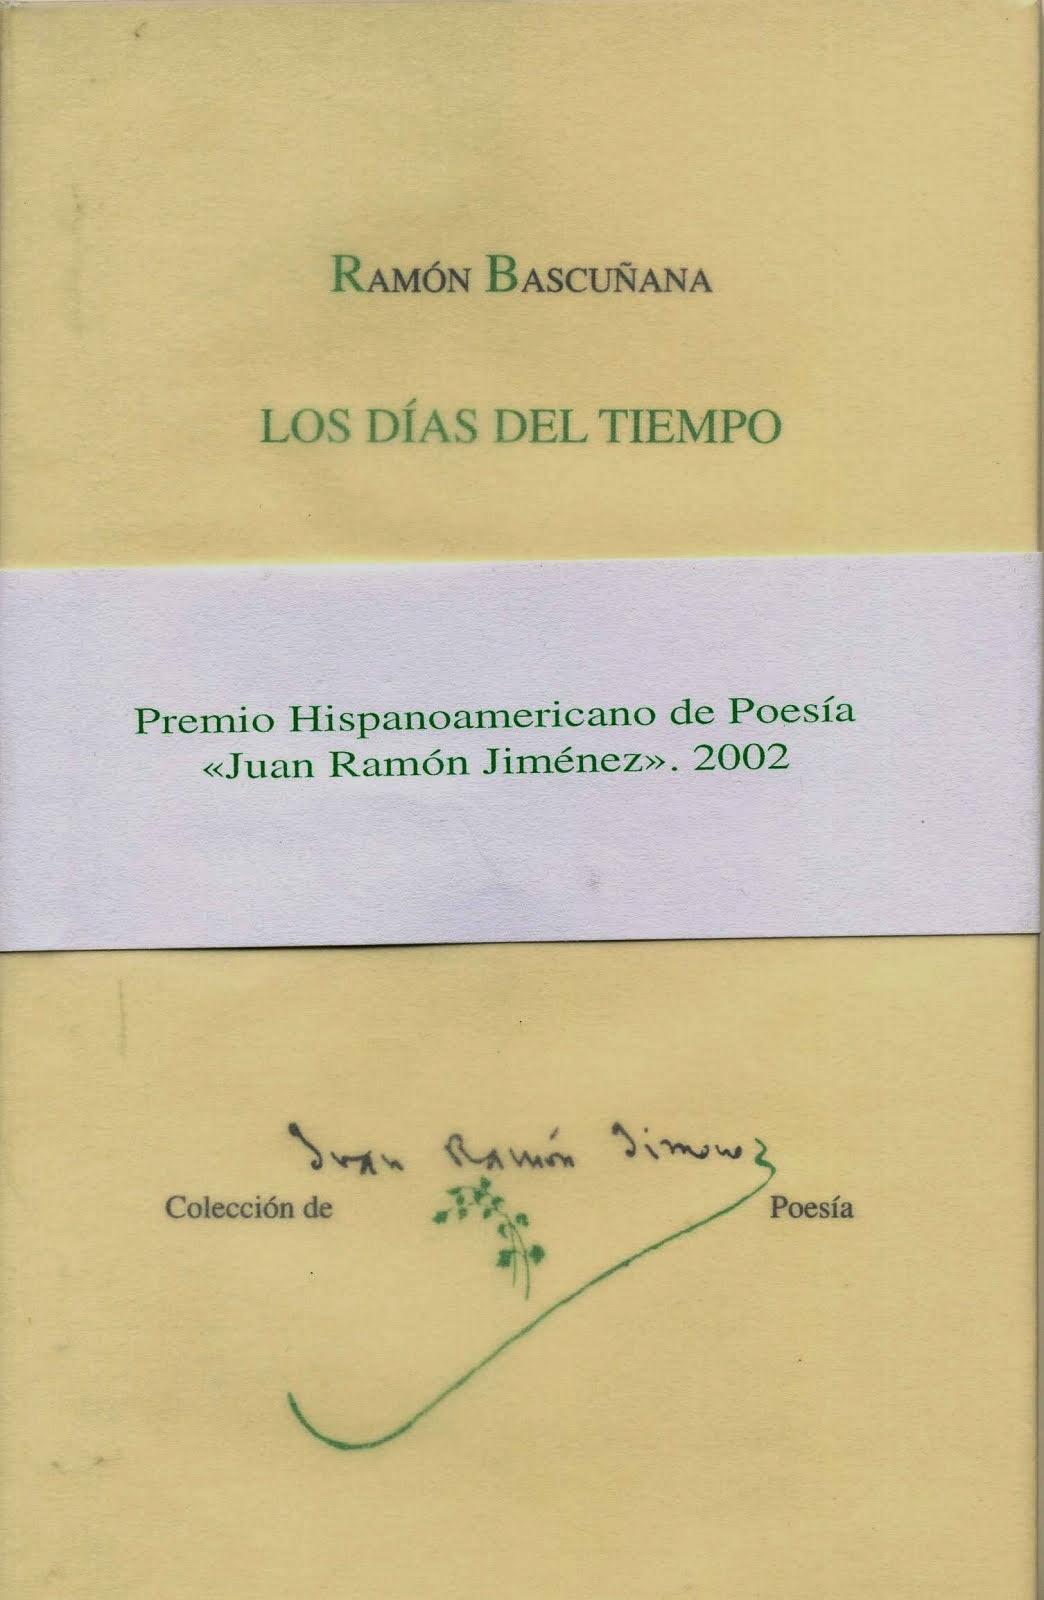 LOSA DÍAS DEL TIEMPO [2002]